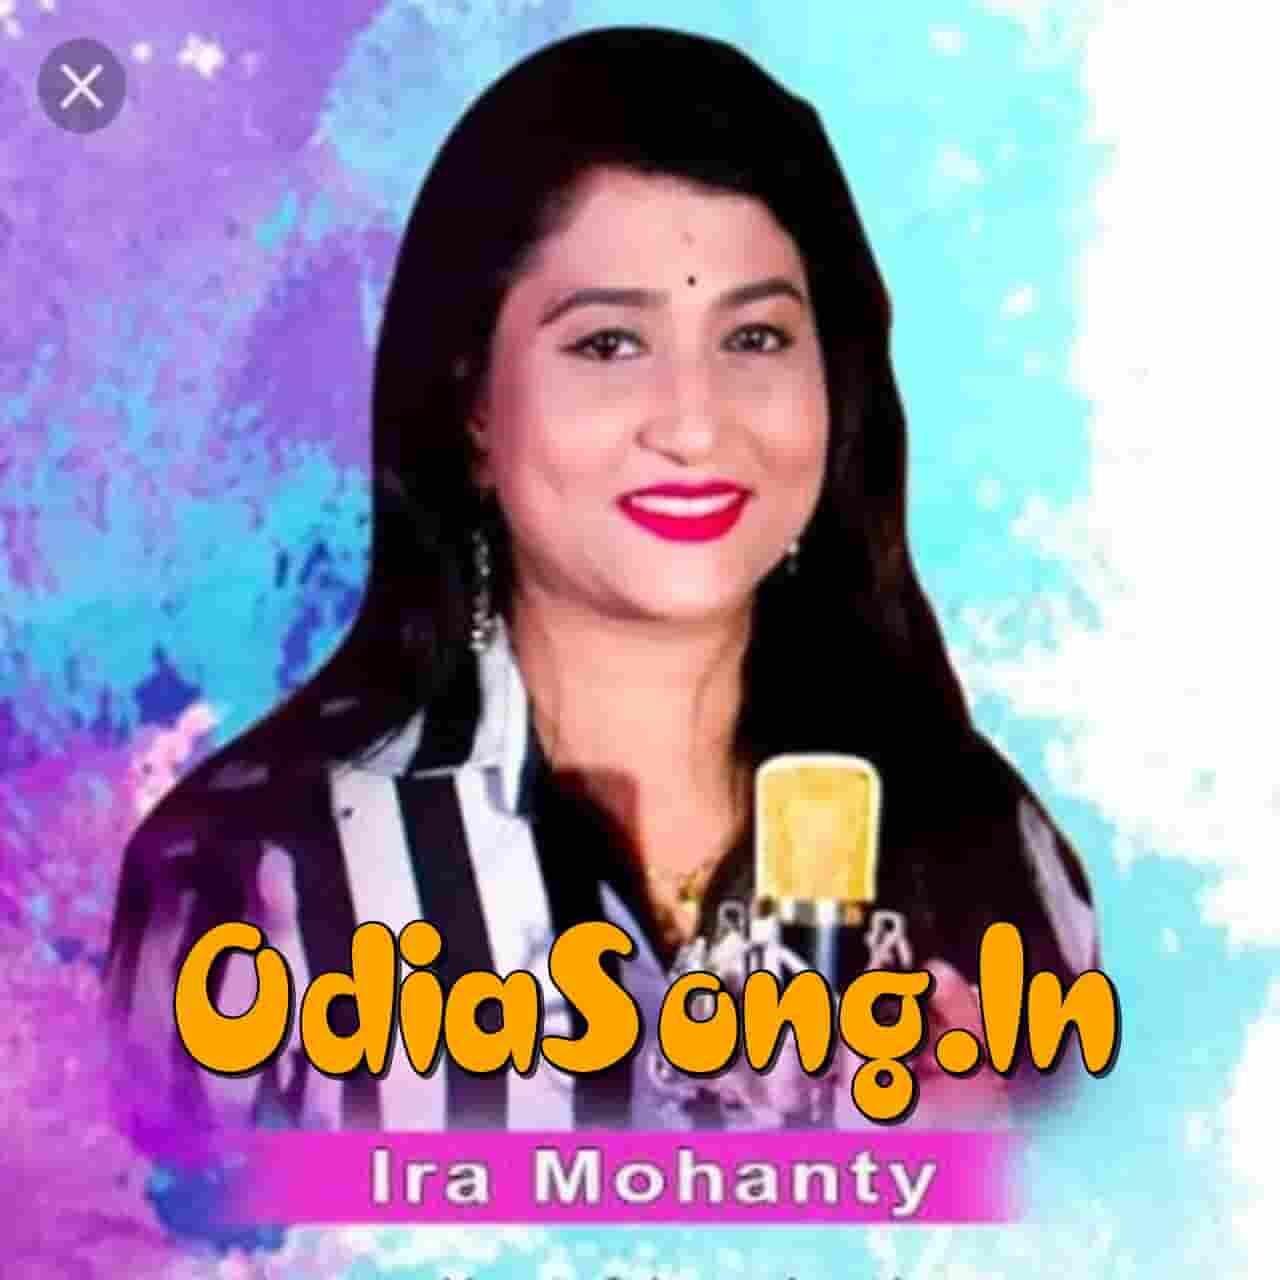 Jou Odhani Re (Ira Mohanty)